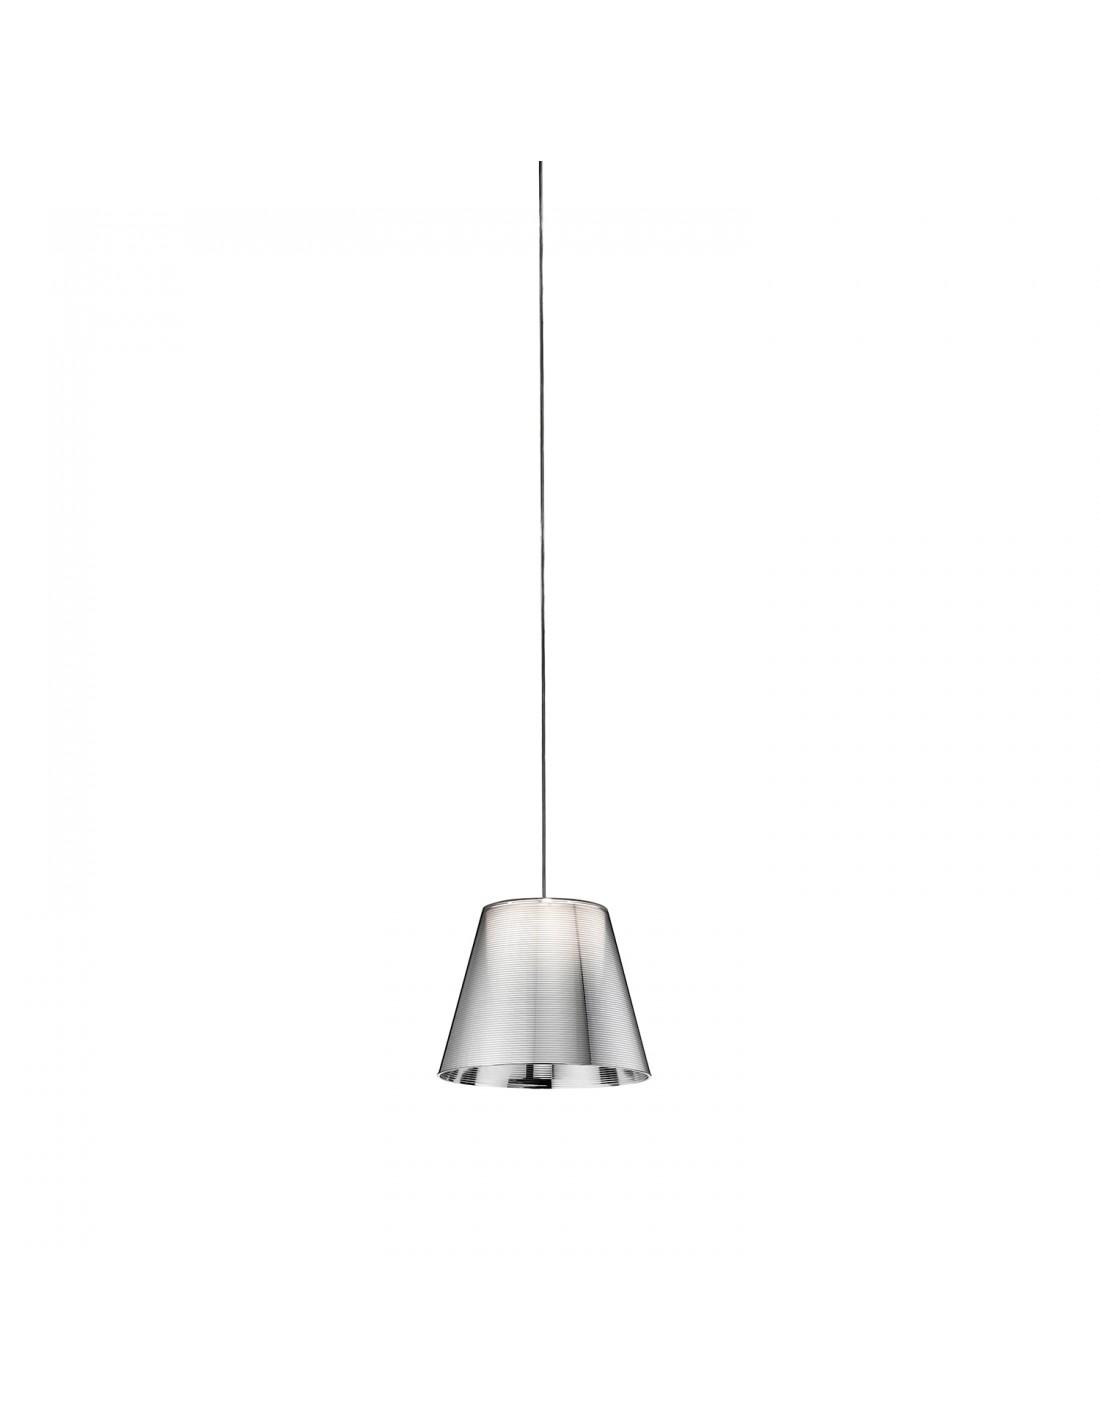 Suspension Ktribe S1 couleur argent métallisé par Philippe Starck pour la marque Flos chez Valente design